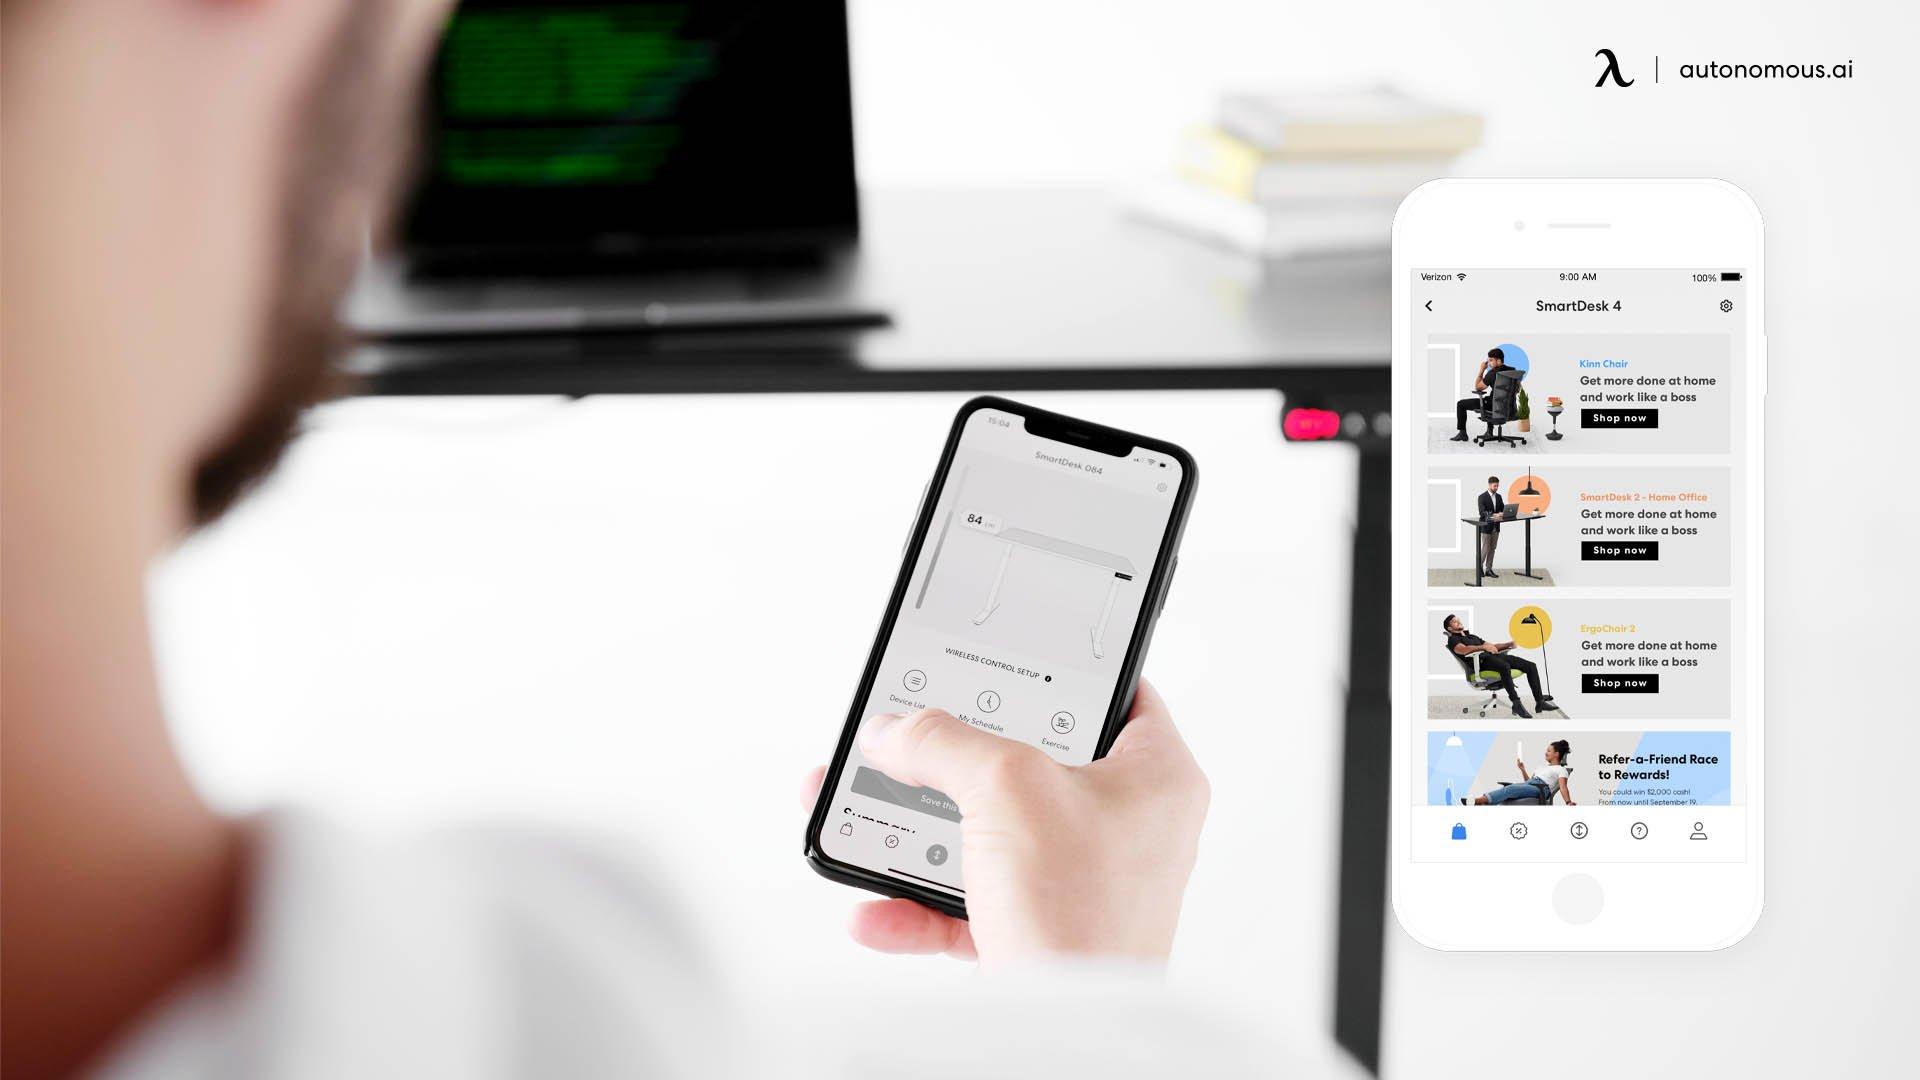 Autonomous app with the SmartDesk 4